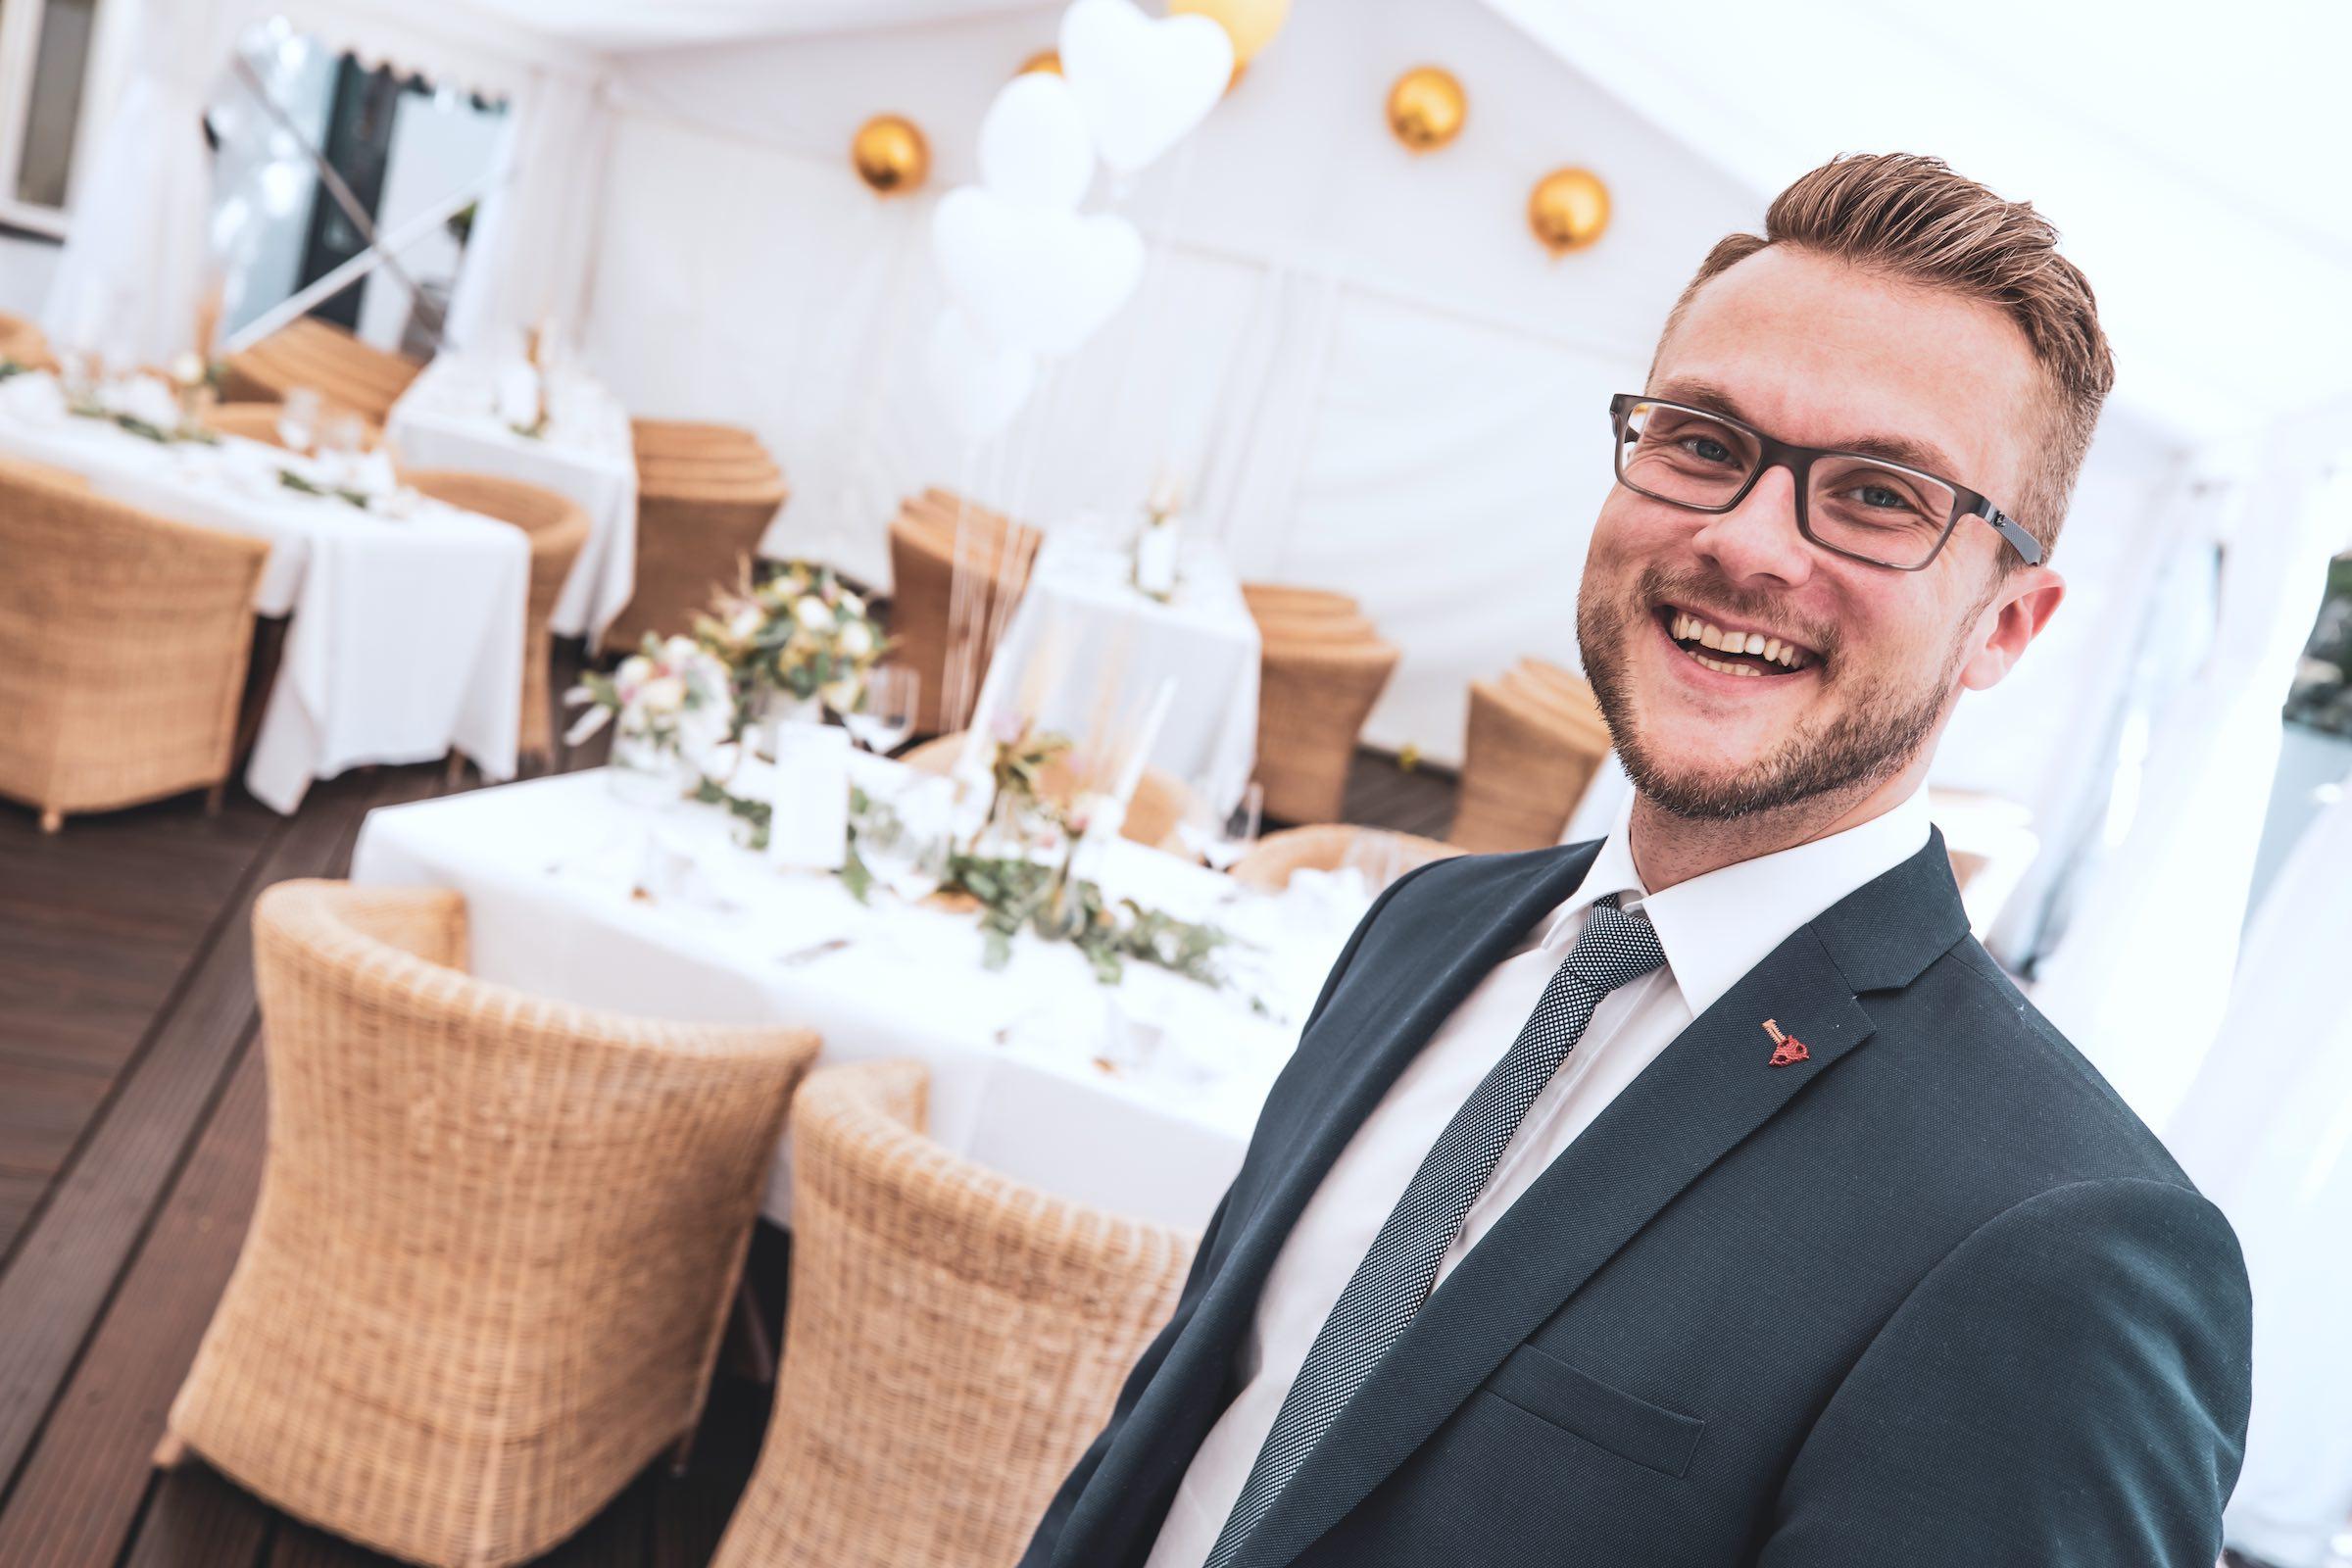 Landhaus   am   See   Hannover   Restaurant   Restaurant   DJ   Hochzeit   Hochzeits   DJ   Daniel   Paar   Mieten   Buchen   Hannover   Lehmann   Eventservice